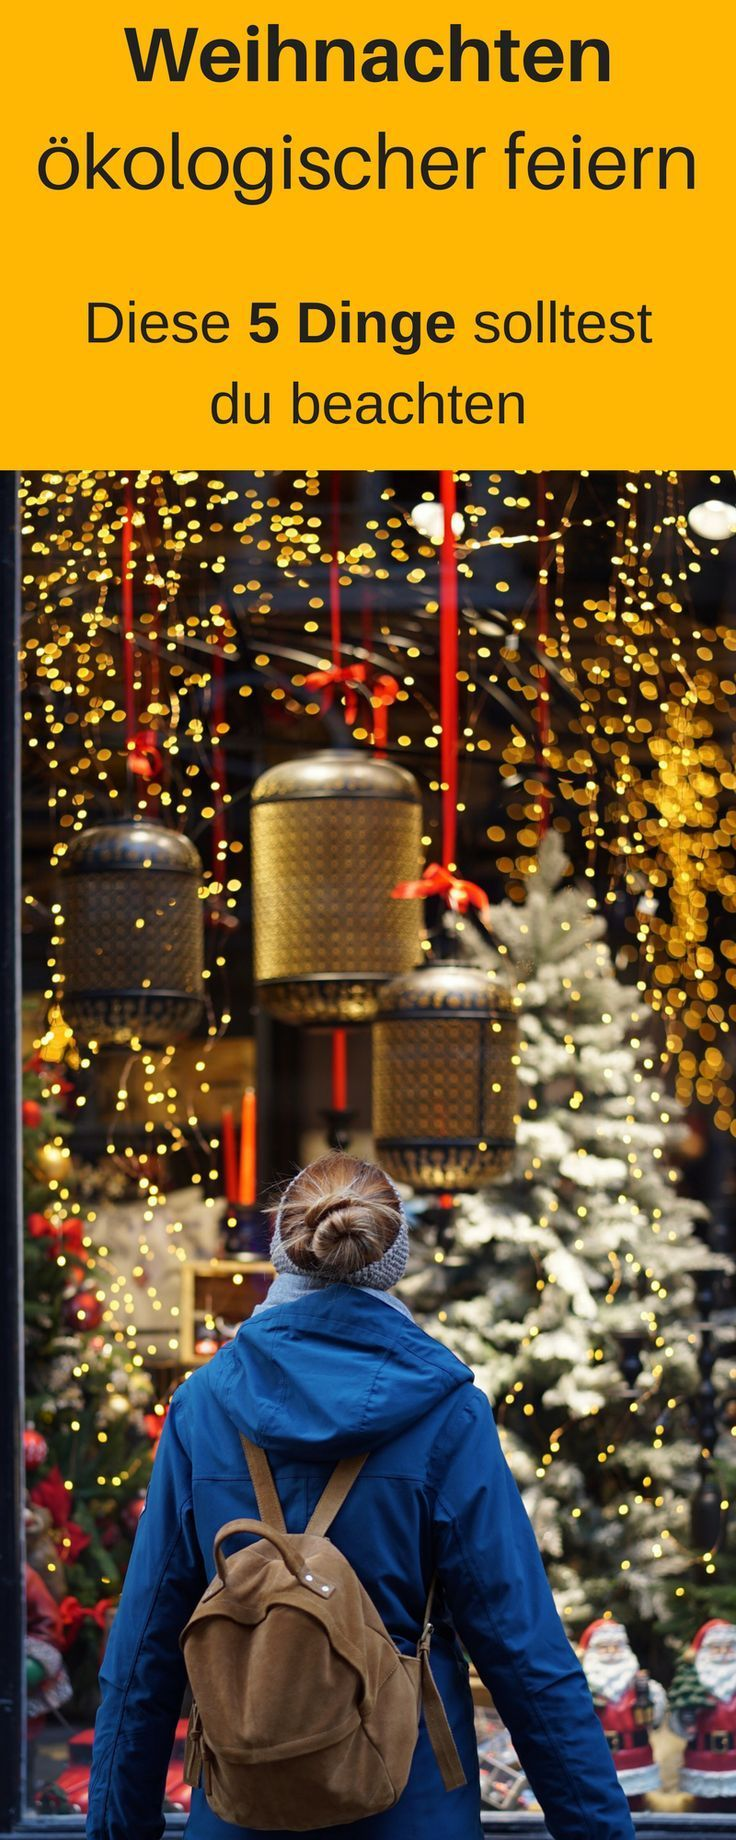 Weihnachten ökologischer feiern - 5 Tipps - so gehts!